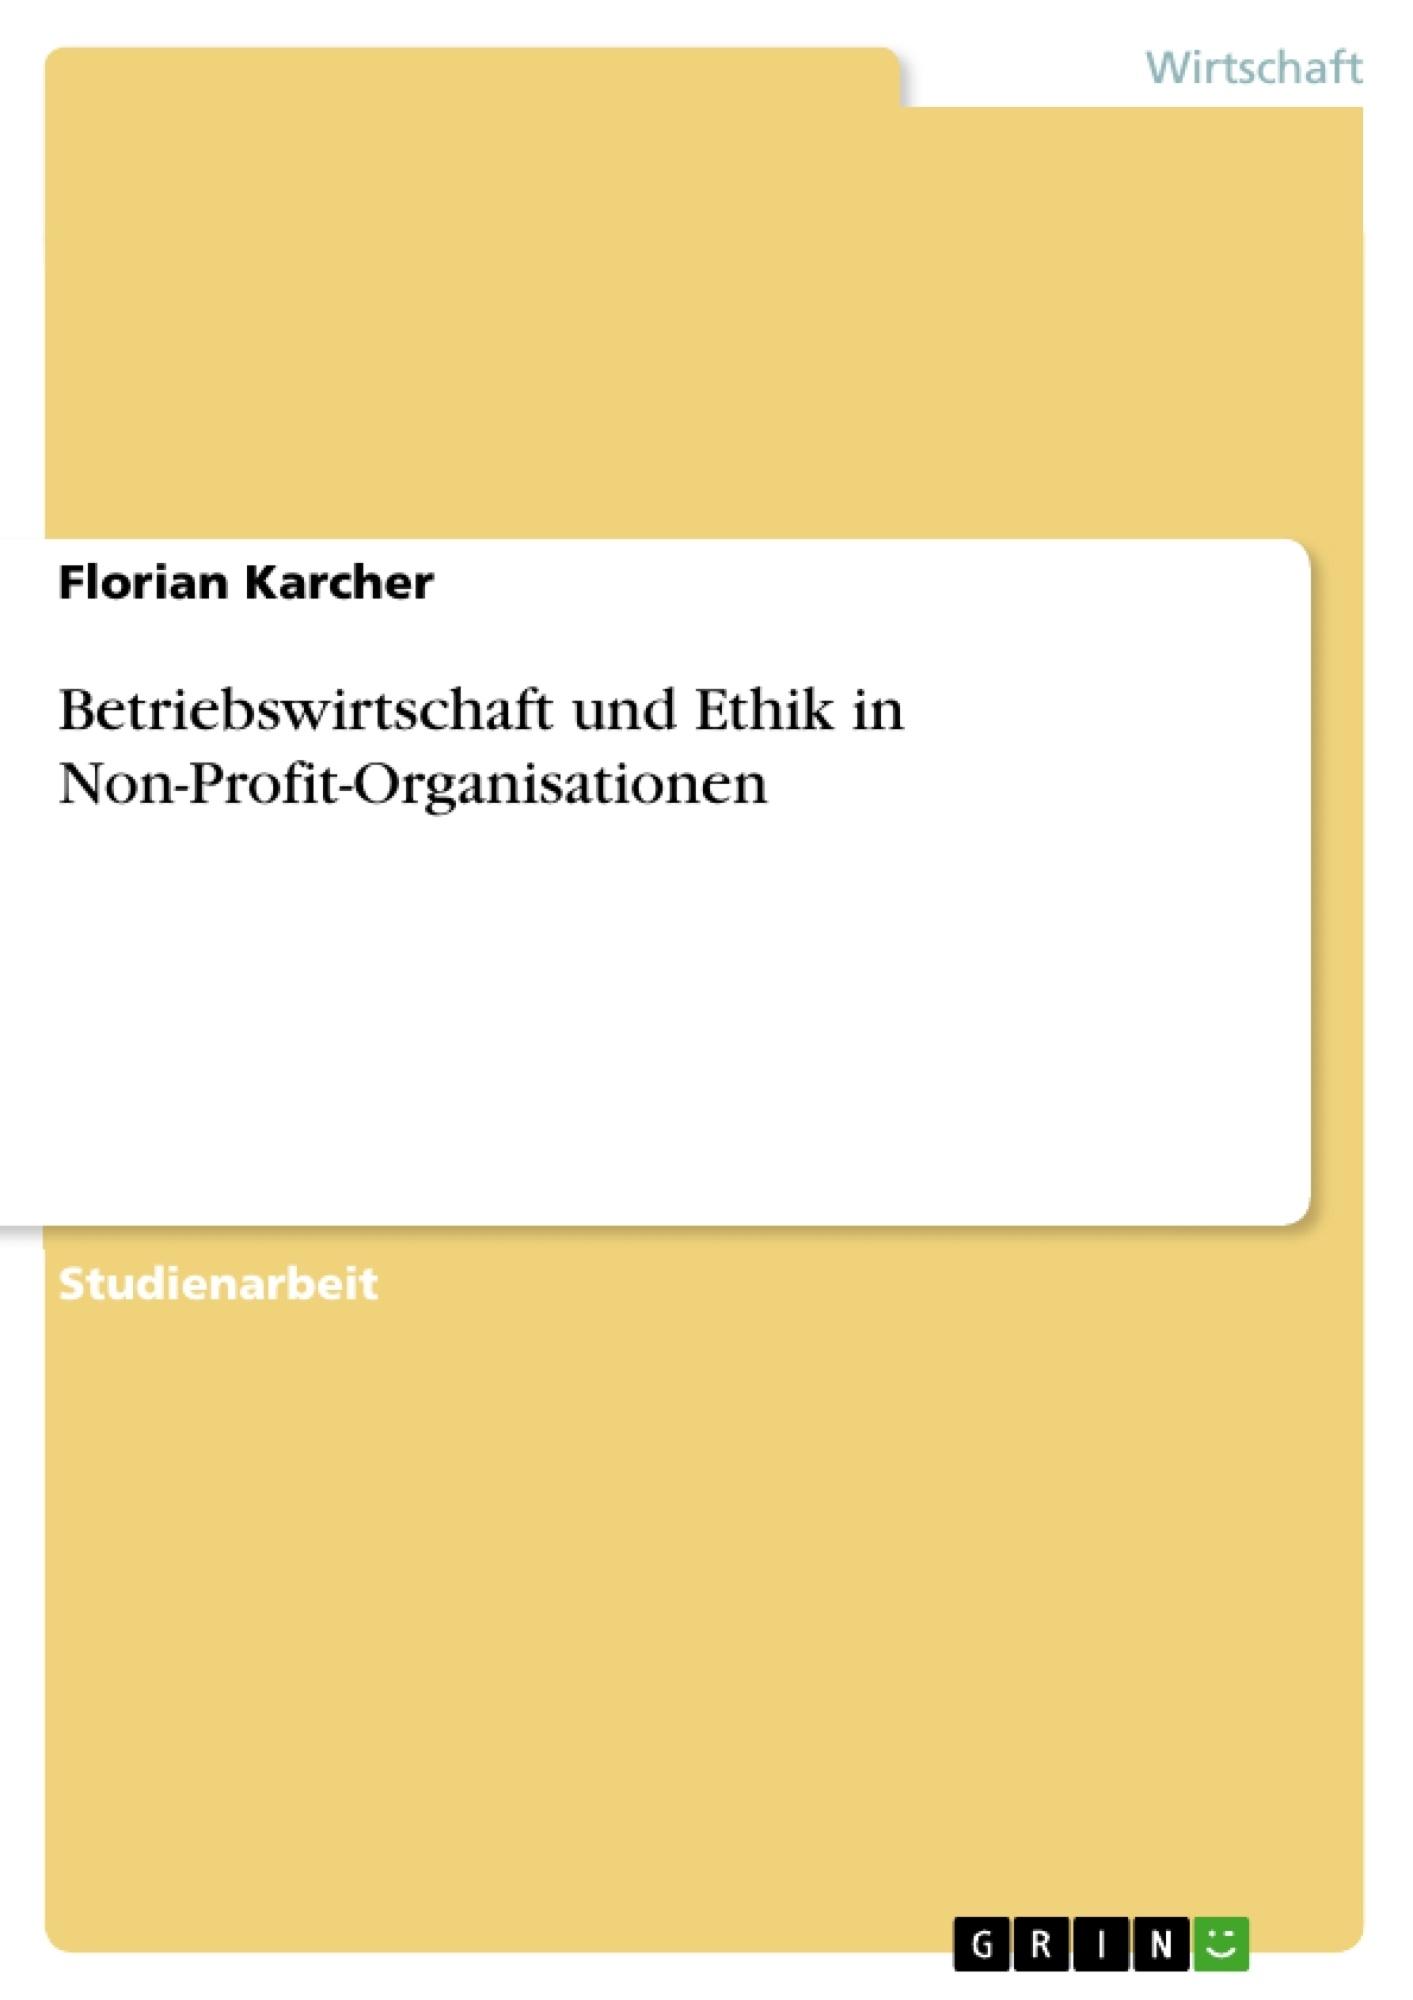 Titel: Betriebswirtschaft und Ethik in Non-Profit-Organisationen